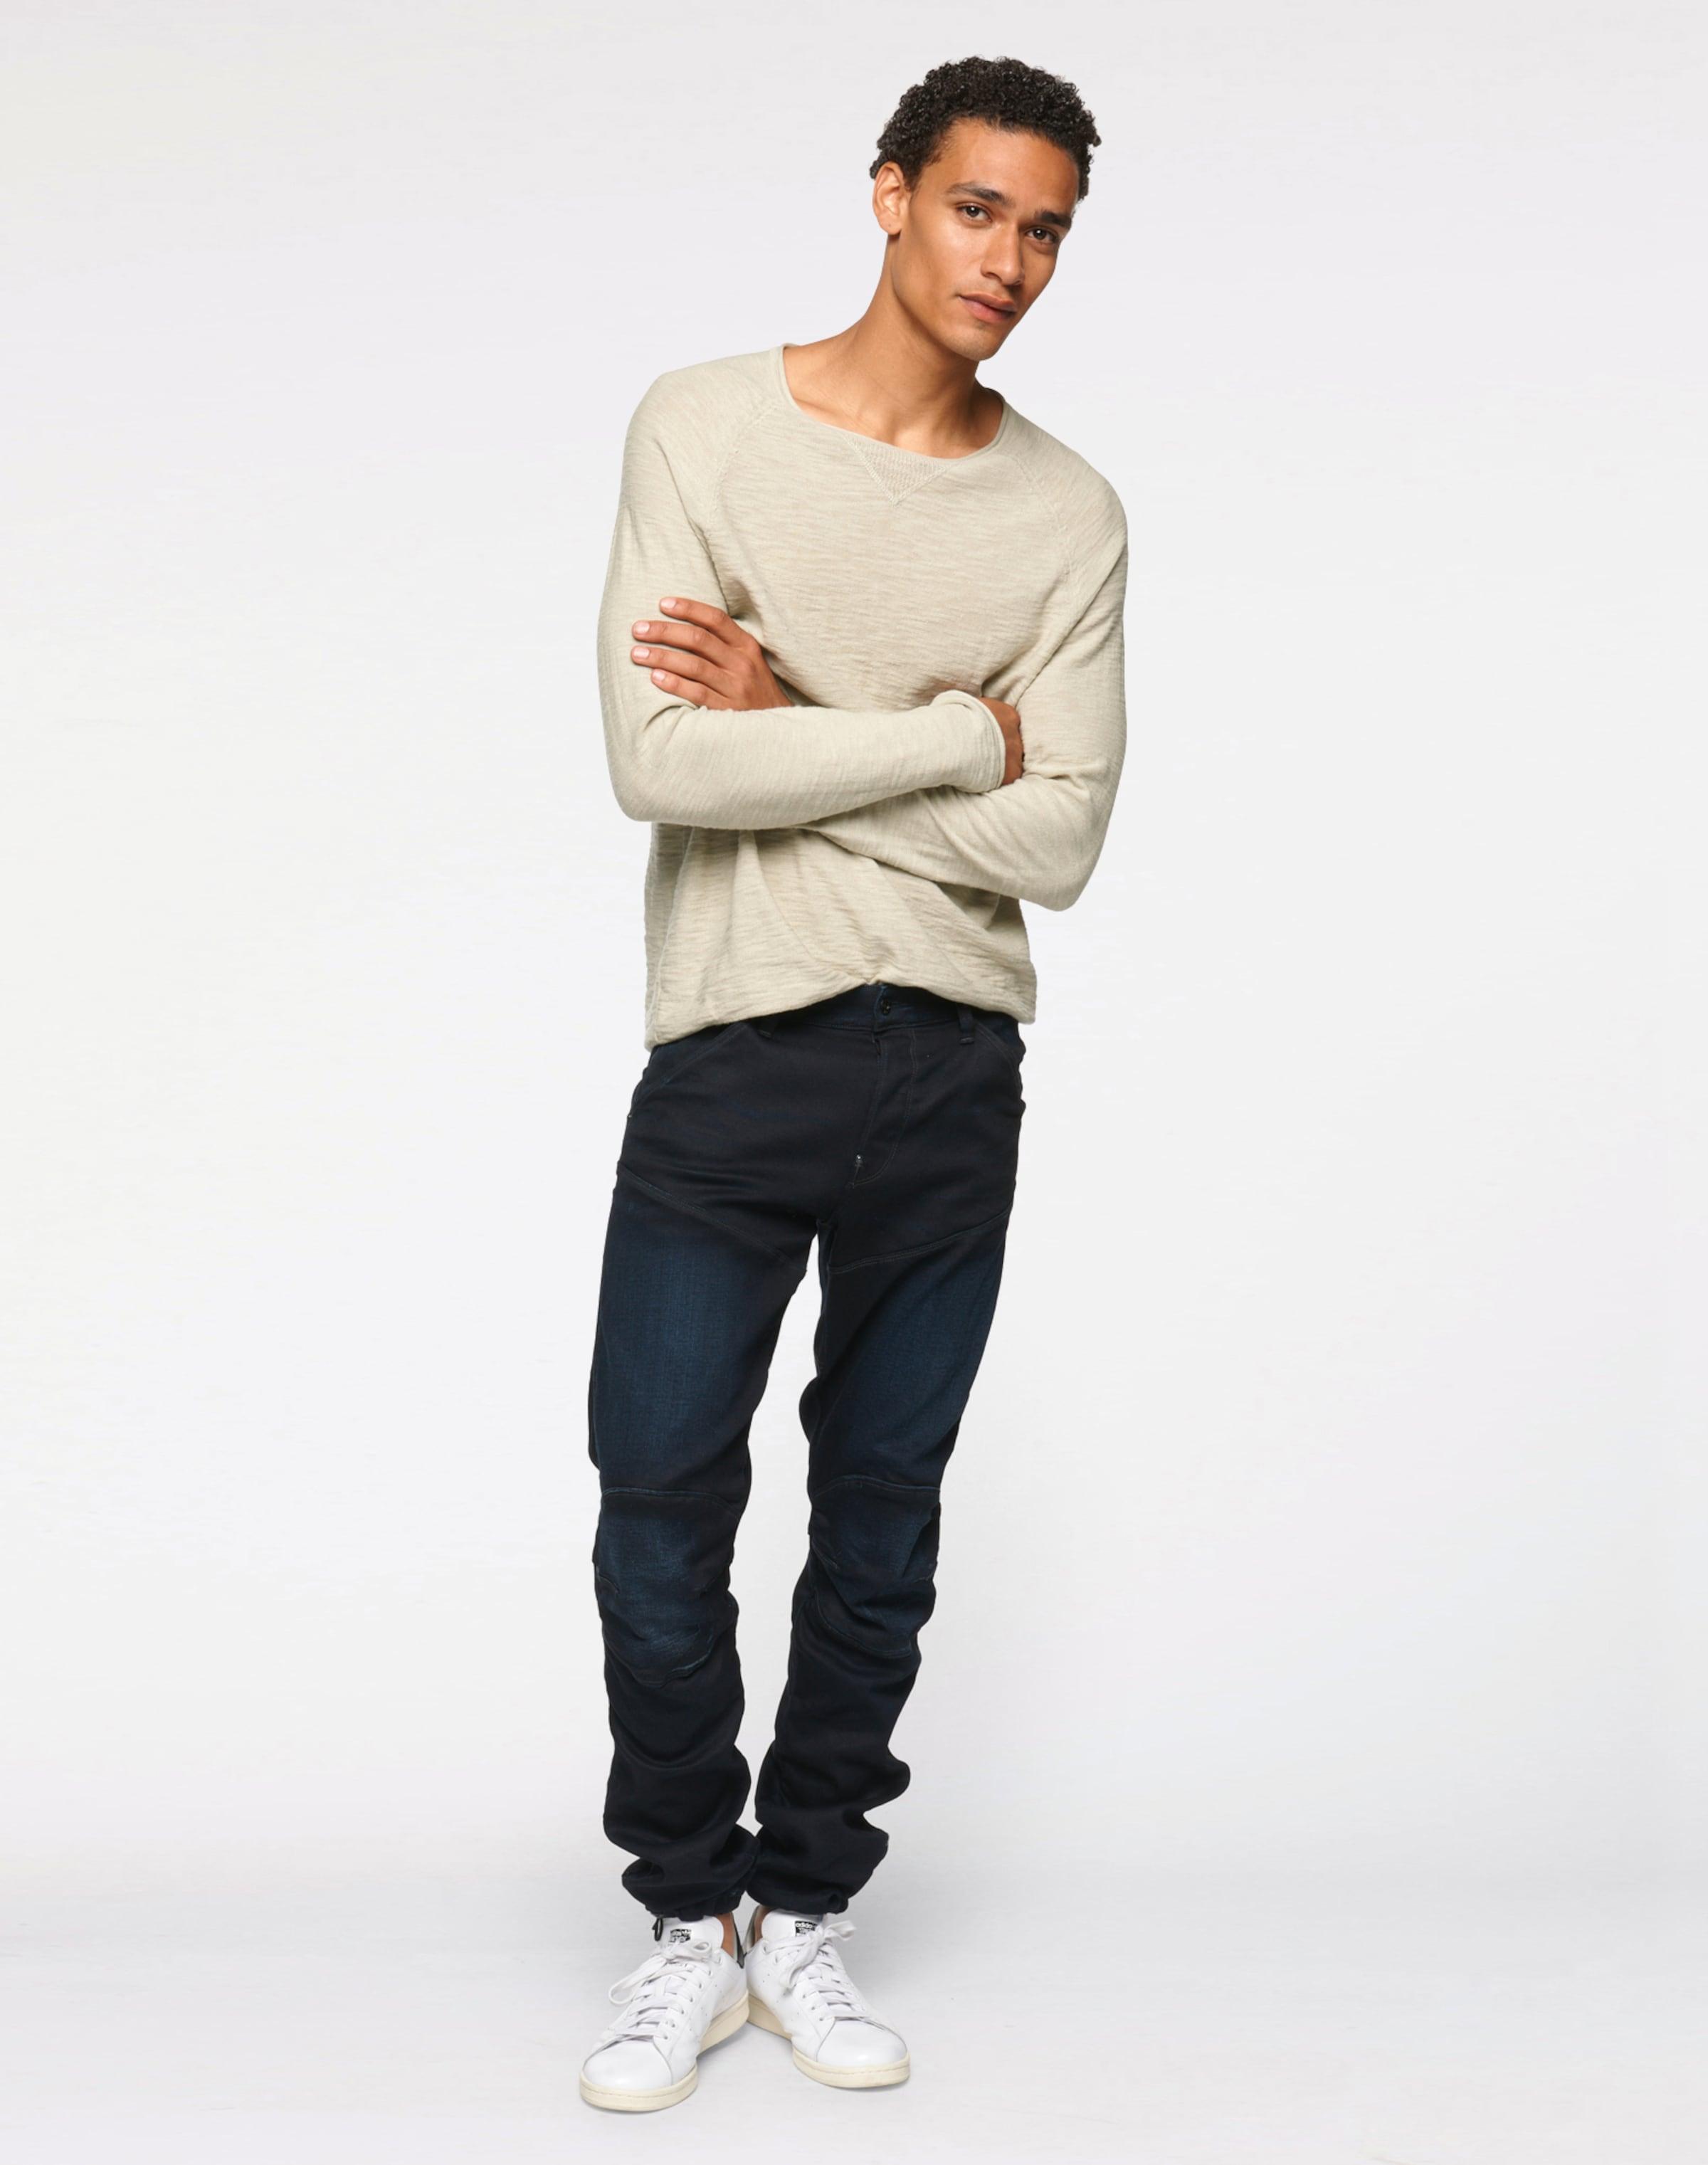 G-STAR RAW Jeans '5620 Elwood 3D Tapered Trainer' Online Günstig Online Online Kaufen Mit Paypal Auslass 2018 Neu Neueste Austrittsspeicherstellen gIdpEUC